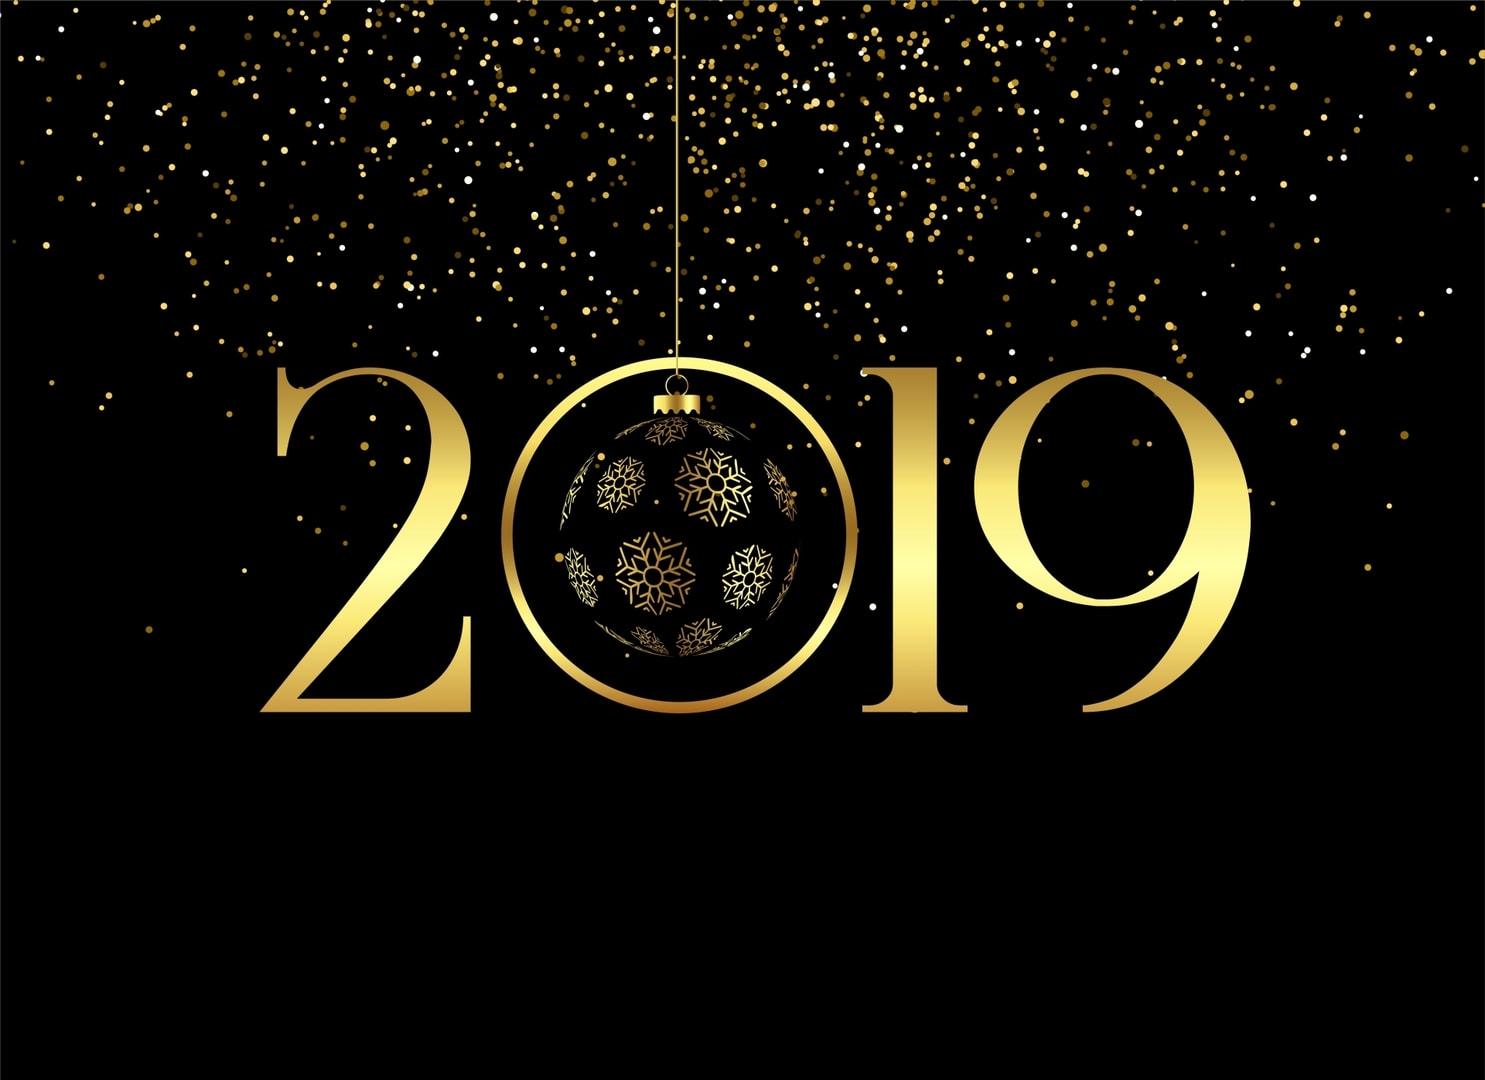 ¡Nuestros mejores deseos para 2019!